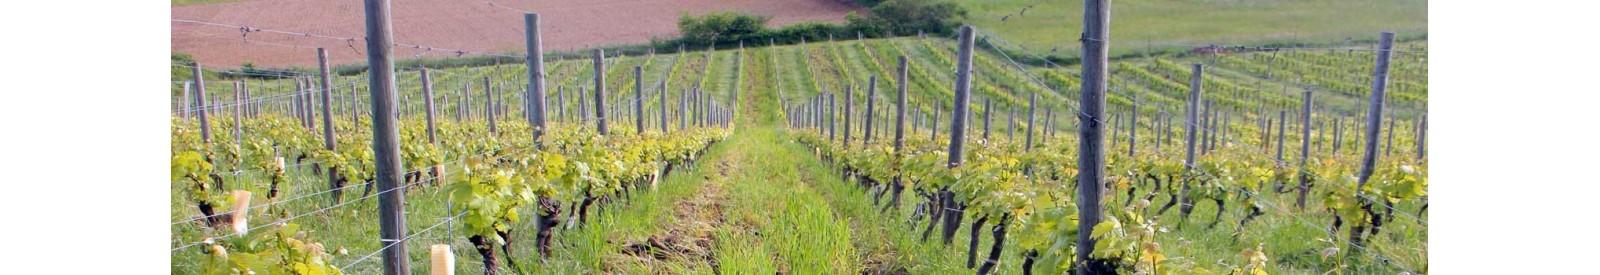 Le Clos Basté - Madiran - Organic wine